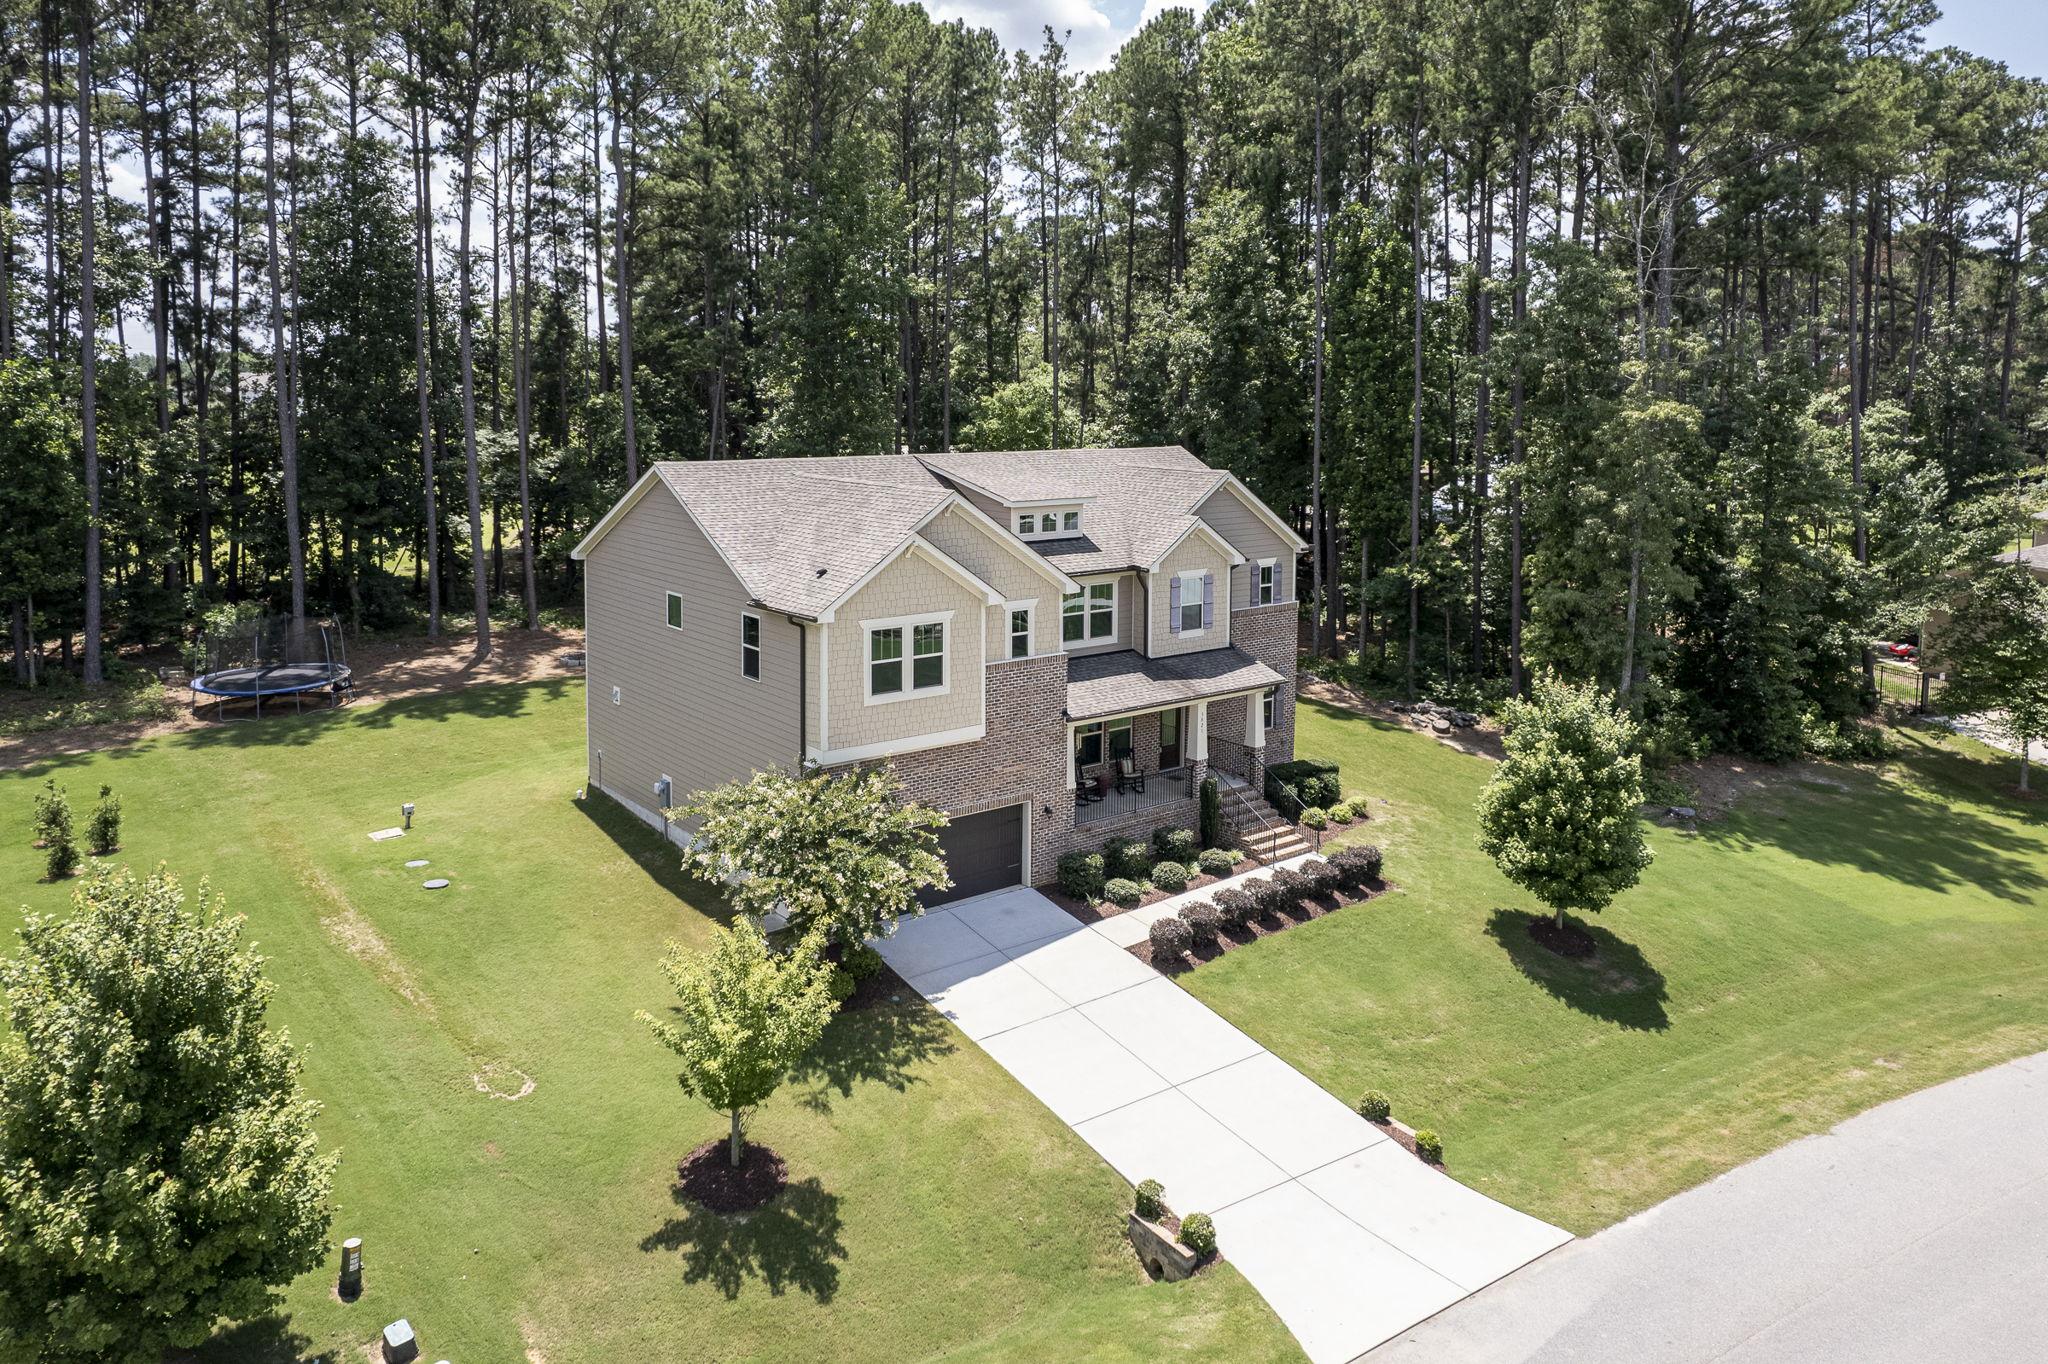 3821 Hickory Manor Dr, Apex, NC 27539, USA